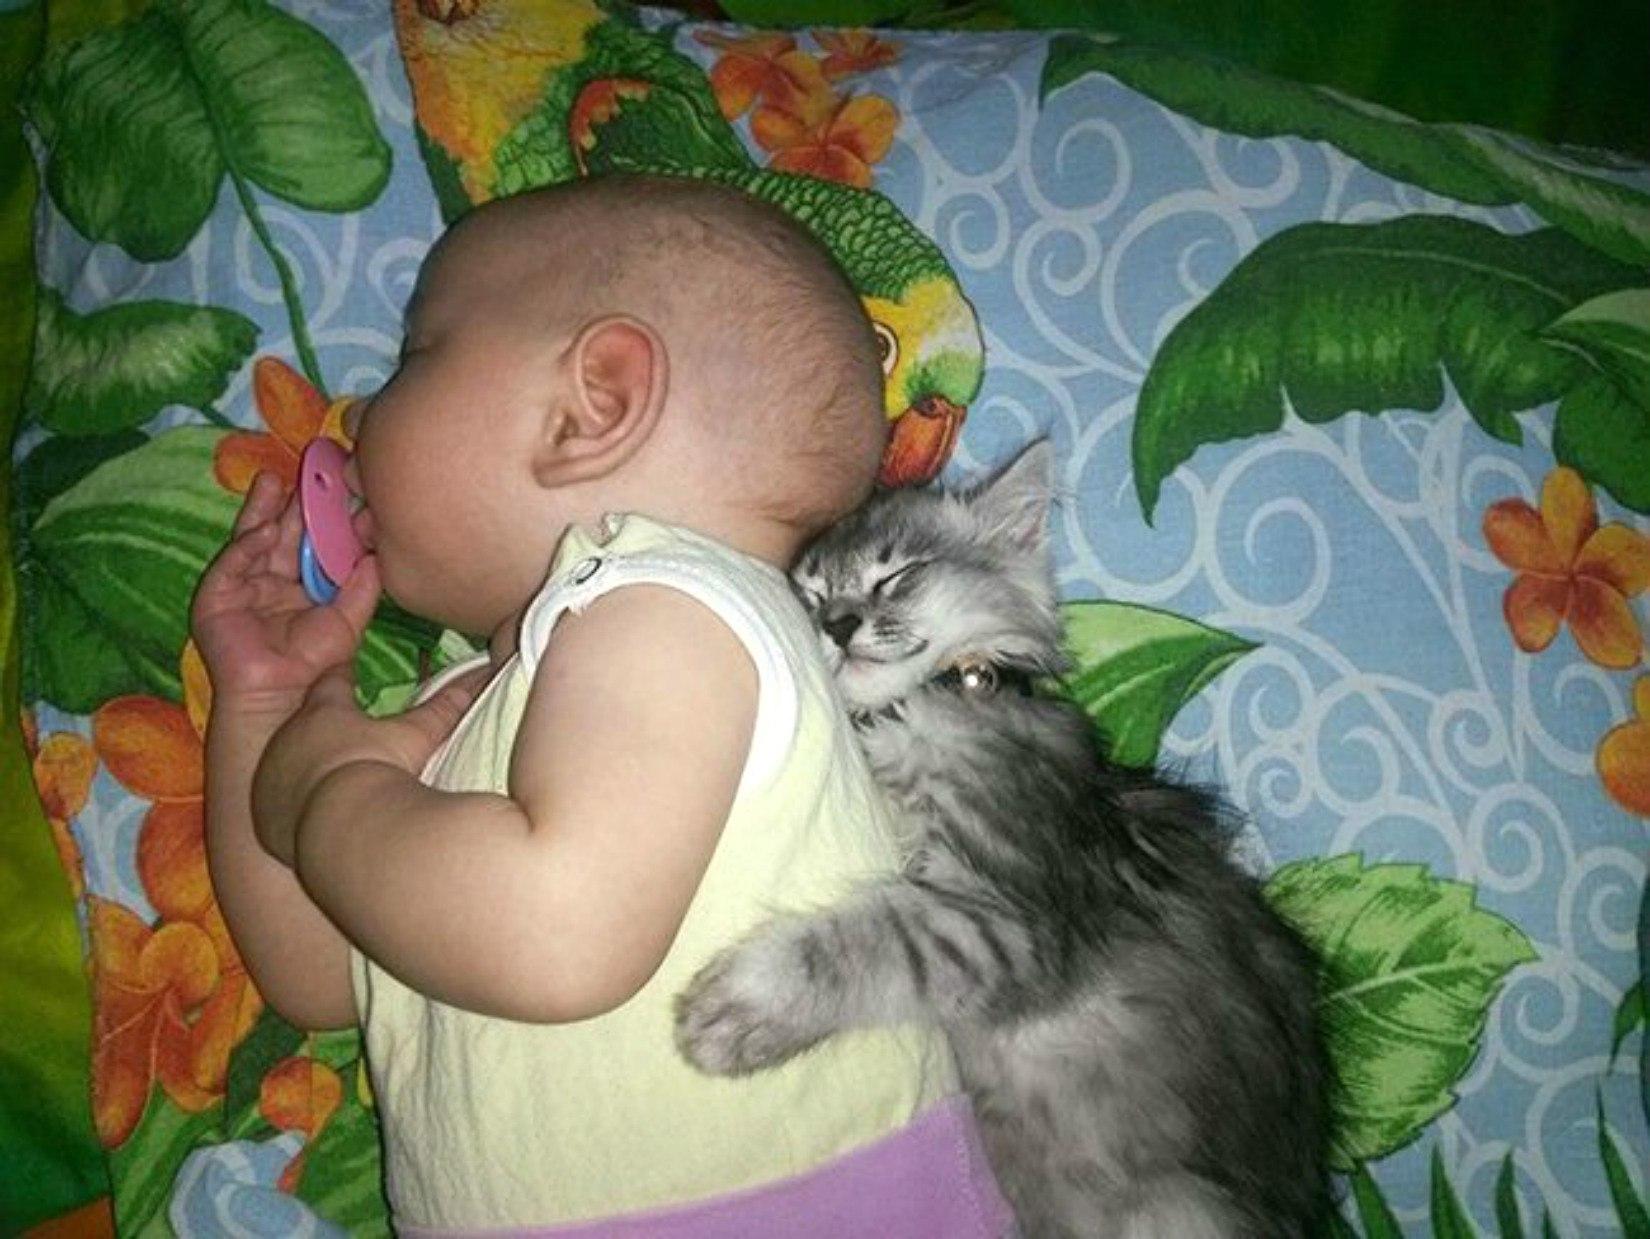 Fotografii care demonstrează legătura extraordinară între copil și animalul său de companie